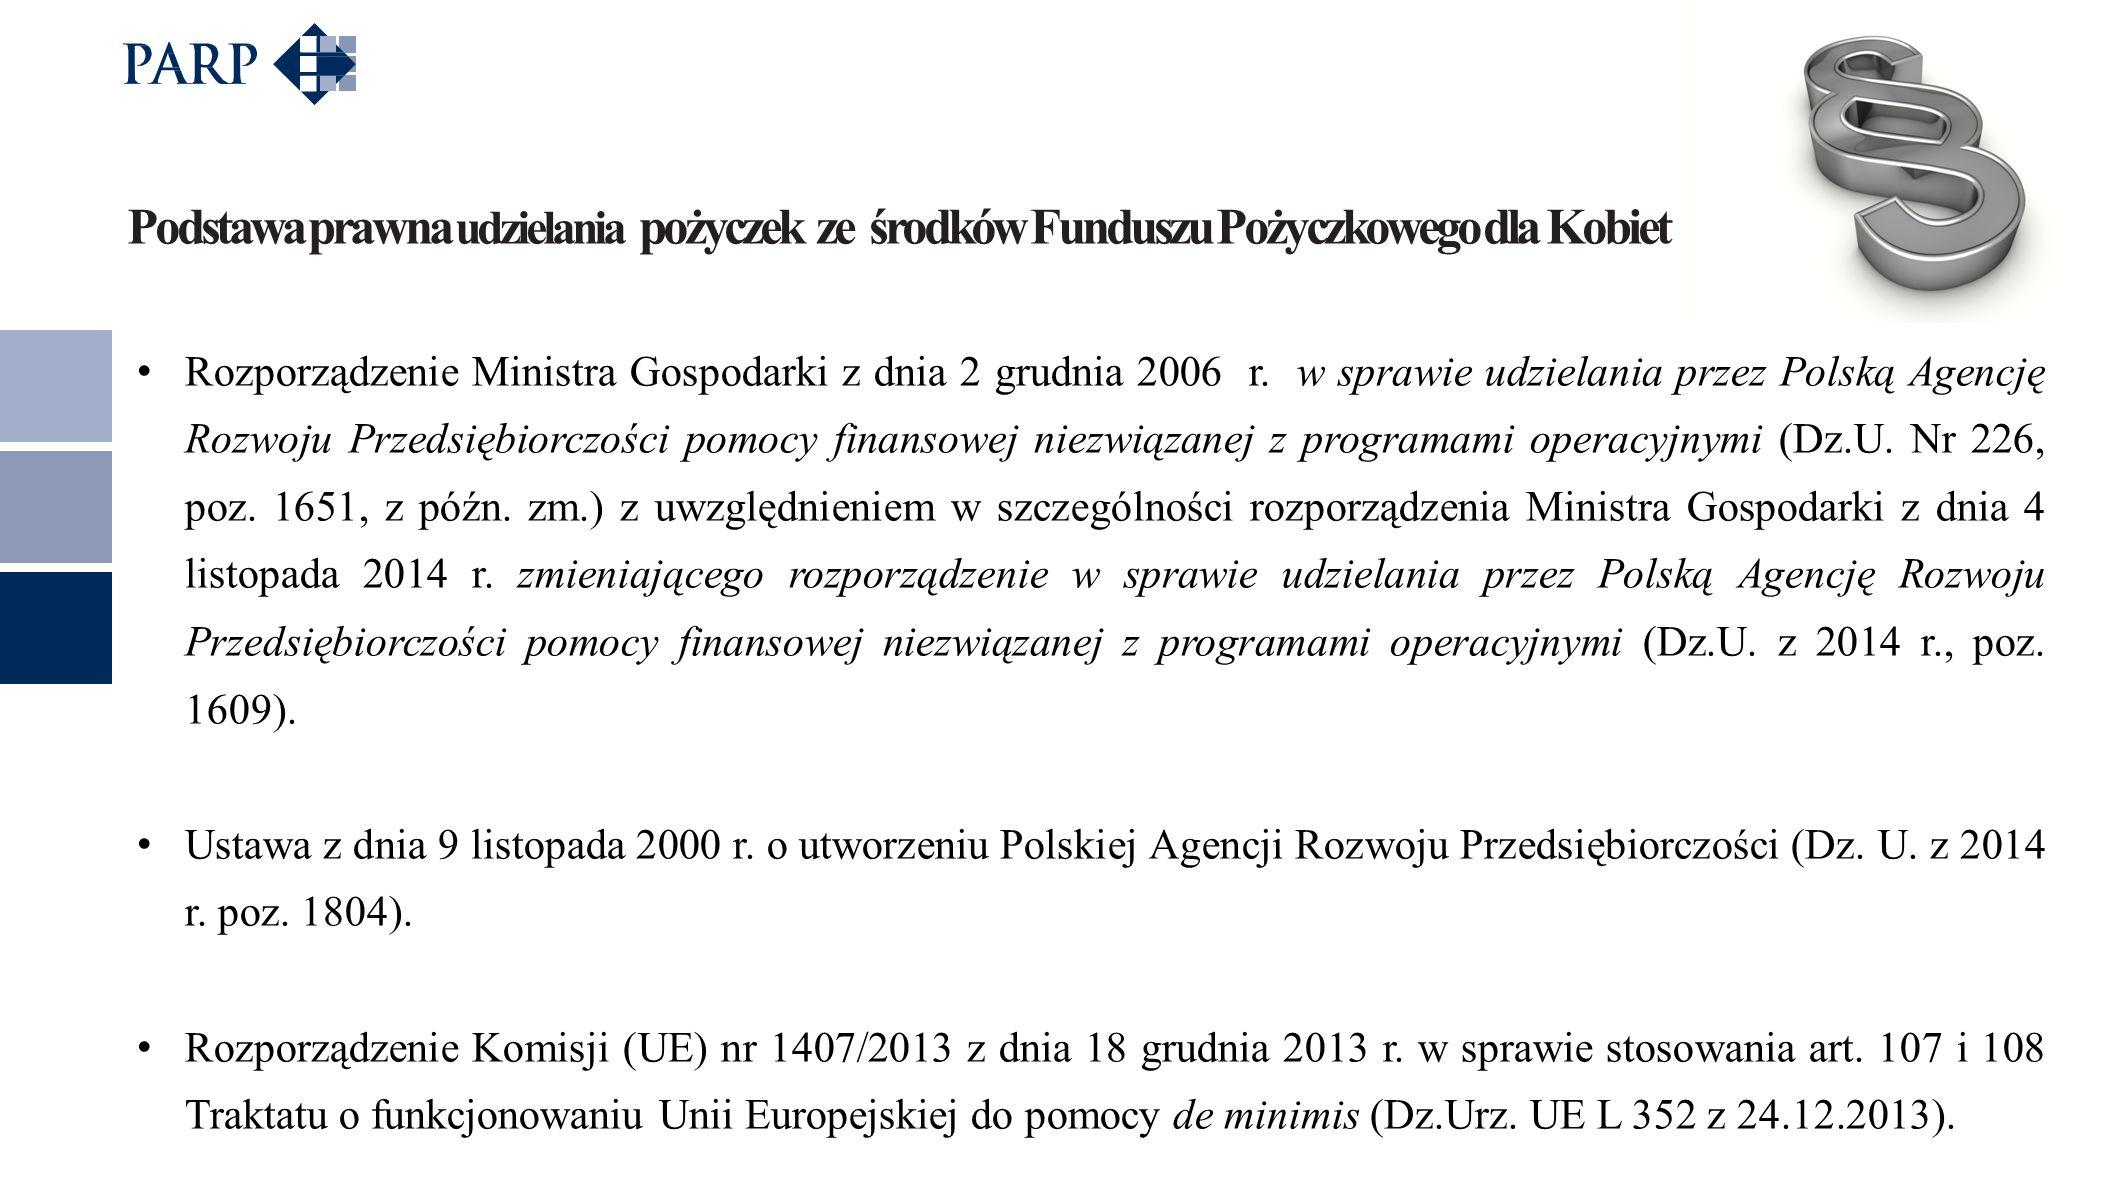 Podstawa prawna udzielania pożyczek ze środków Funduszu Pożyczkowego dla Kobiet Rozporządzenie Ministra Gospodarki z dnia 2 grudnia 2006 r. w sprawie